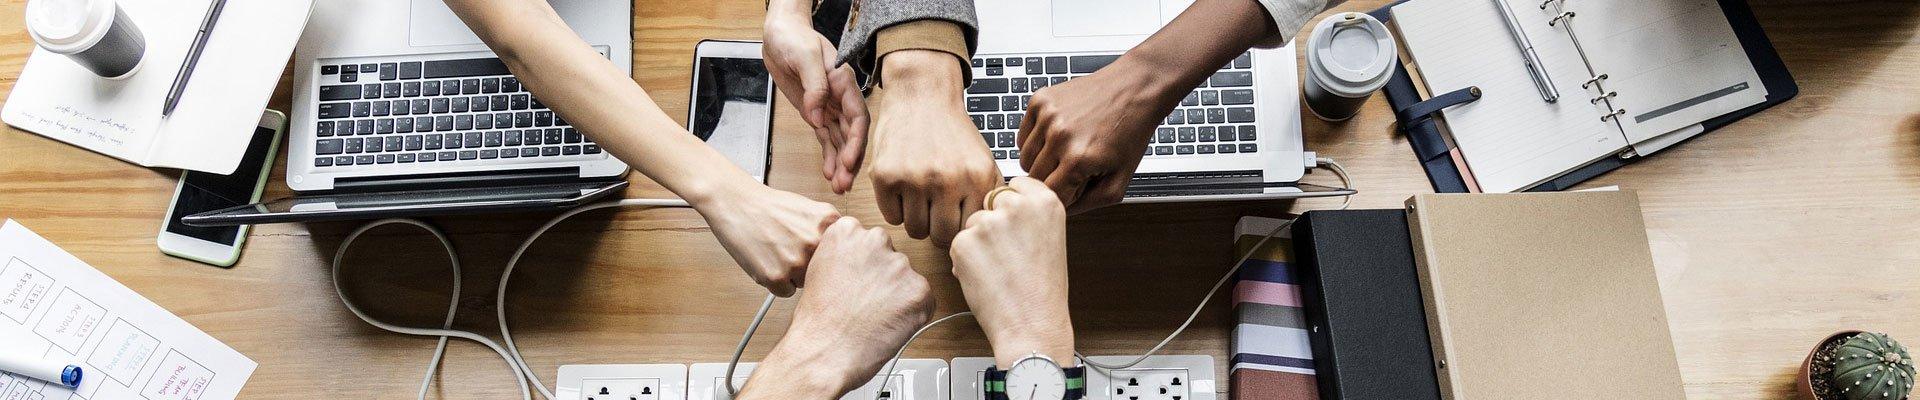 Teammitglieder legen die Hände zusammen